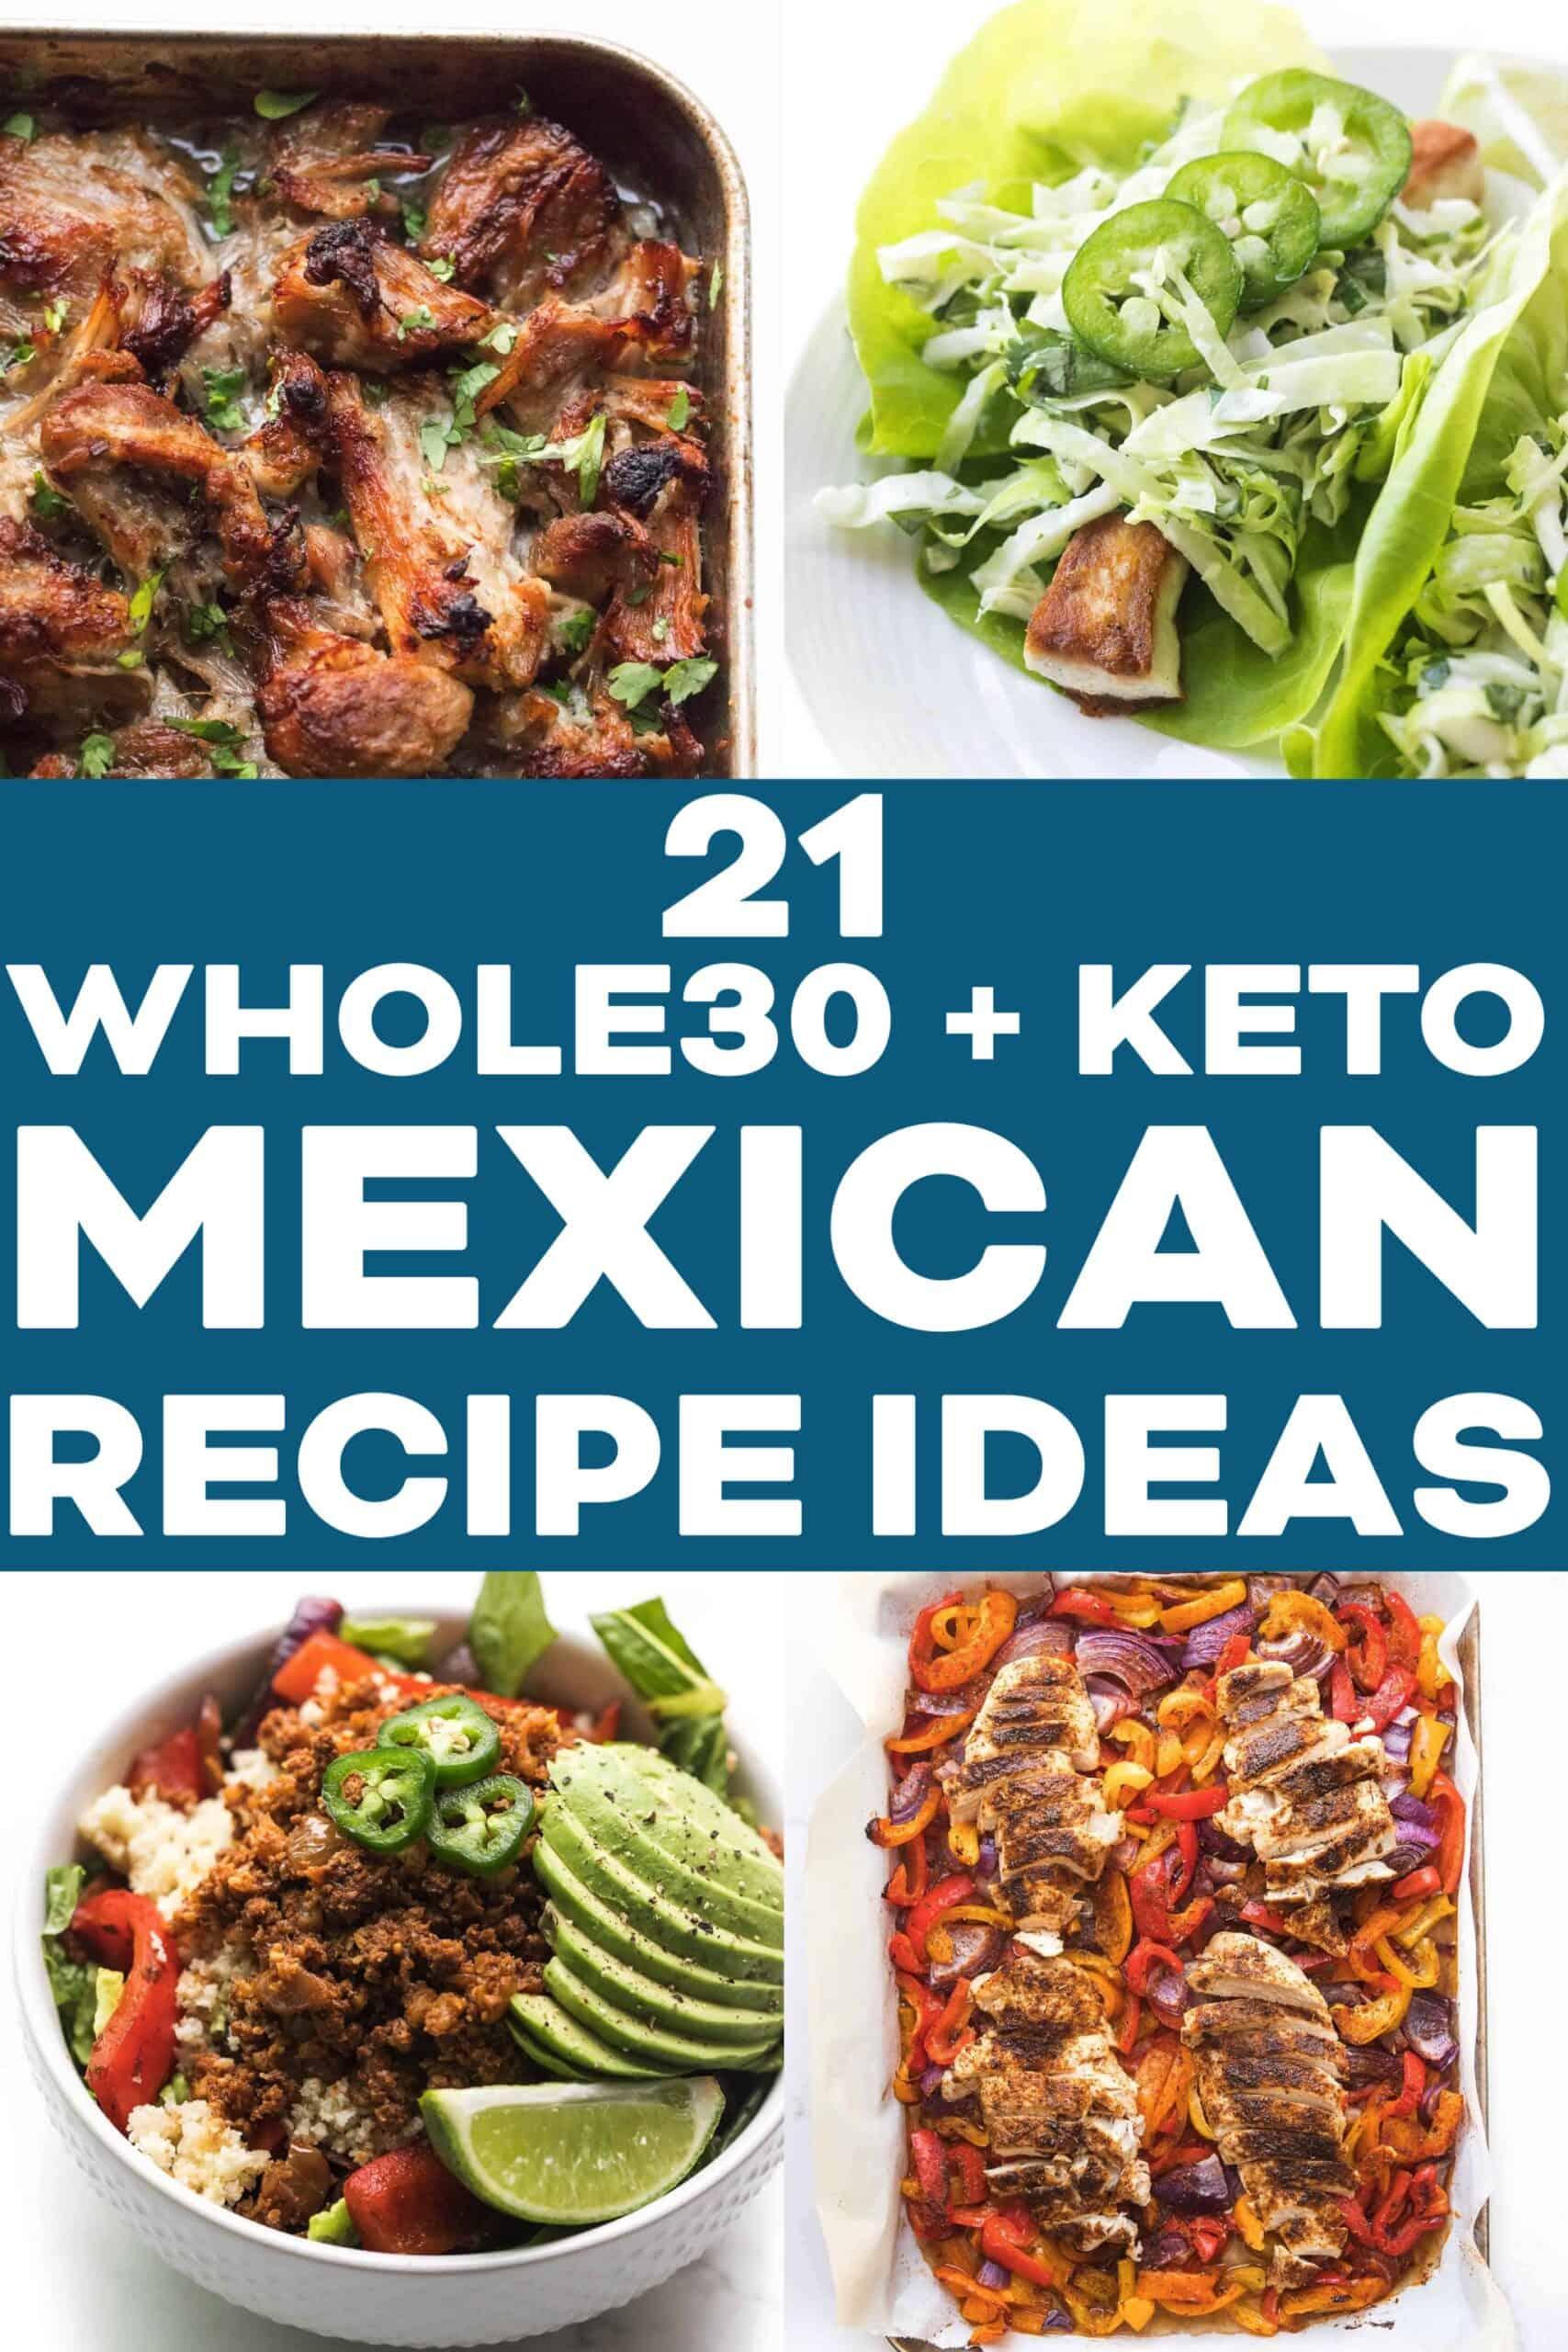 KETO MEXICAN RECIPE IDEAS